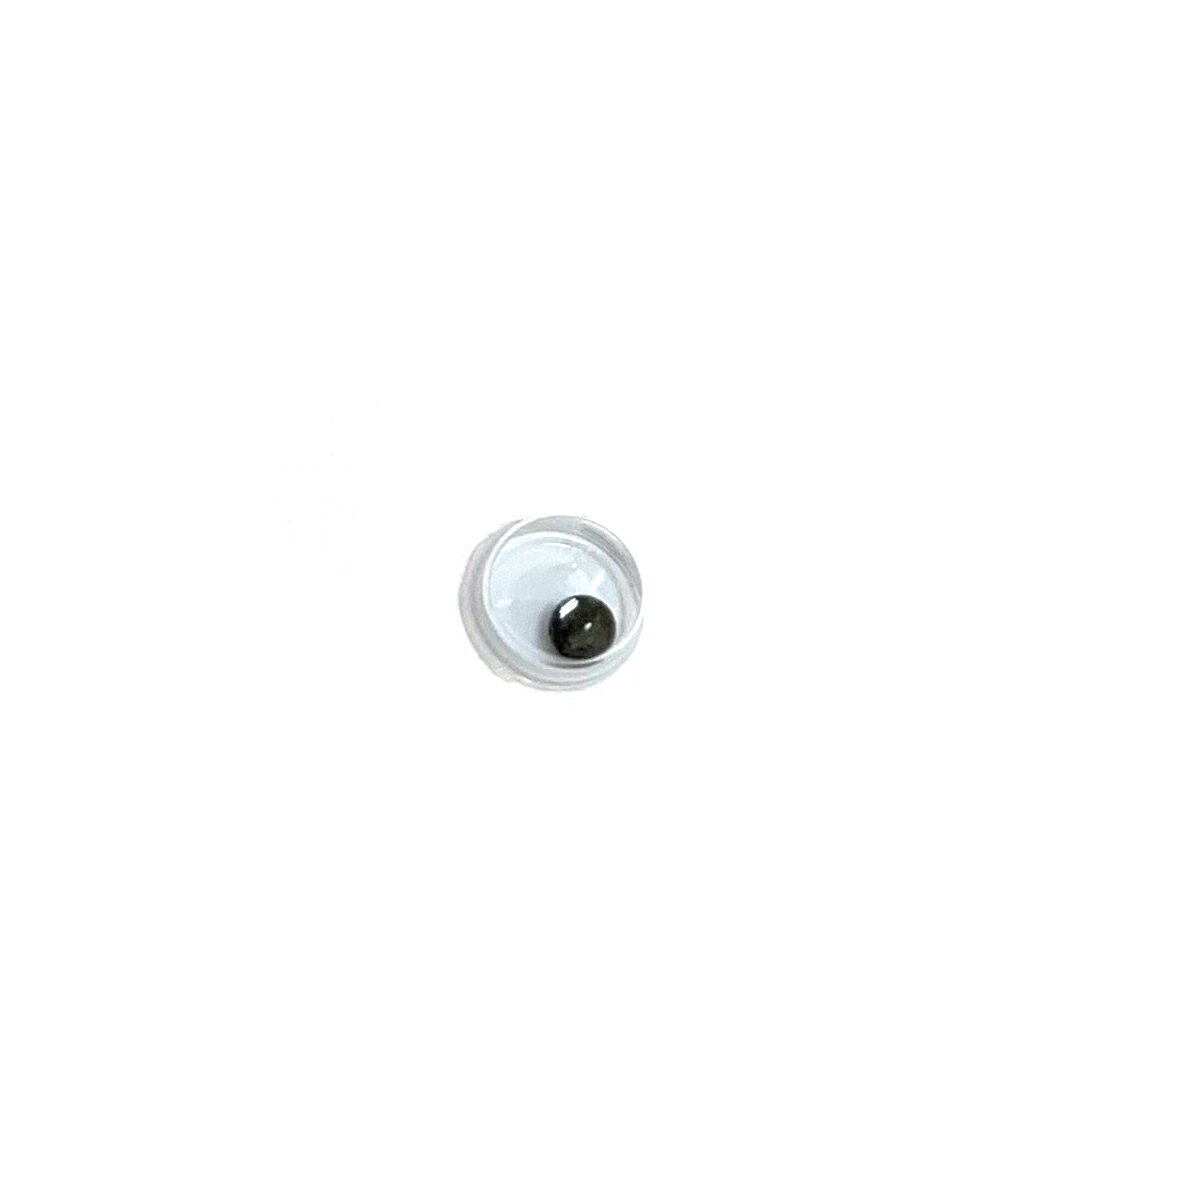 動眼 4mm球目玉(1個) 活眼・ムービングアイ 手作りのお人形や動物に動く目玉